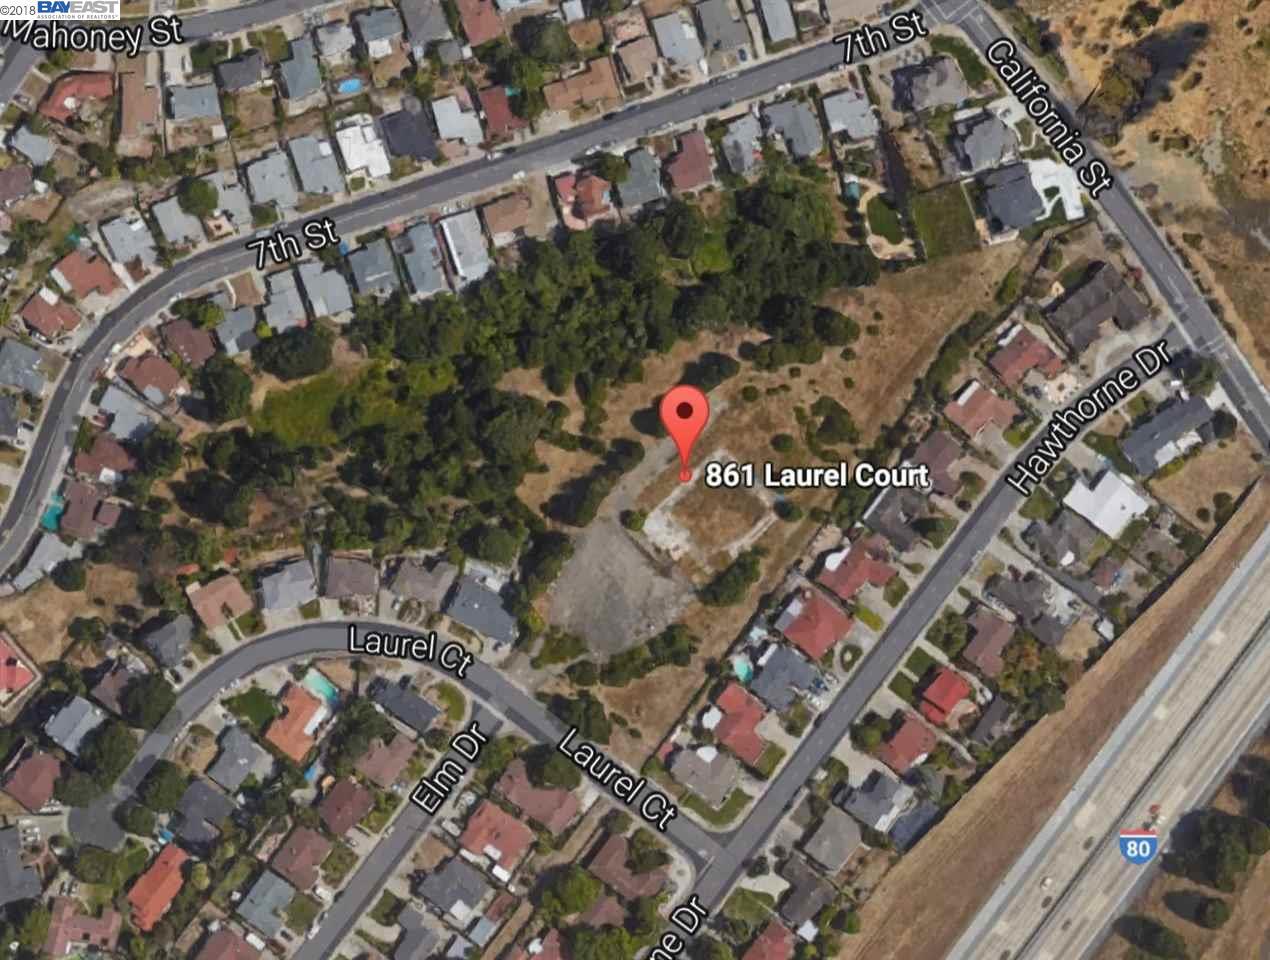 Terreno por un Venta en 861 Laurel Court 861 Laurel Court Rodeo, California 94572 Estados Unidos